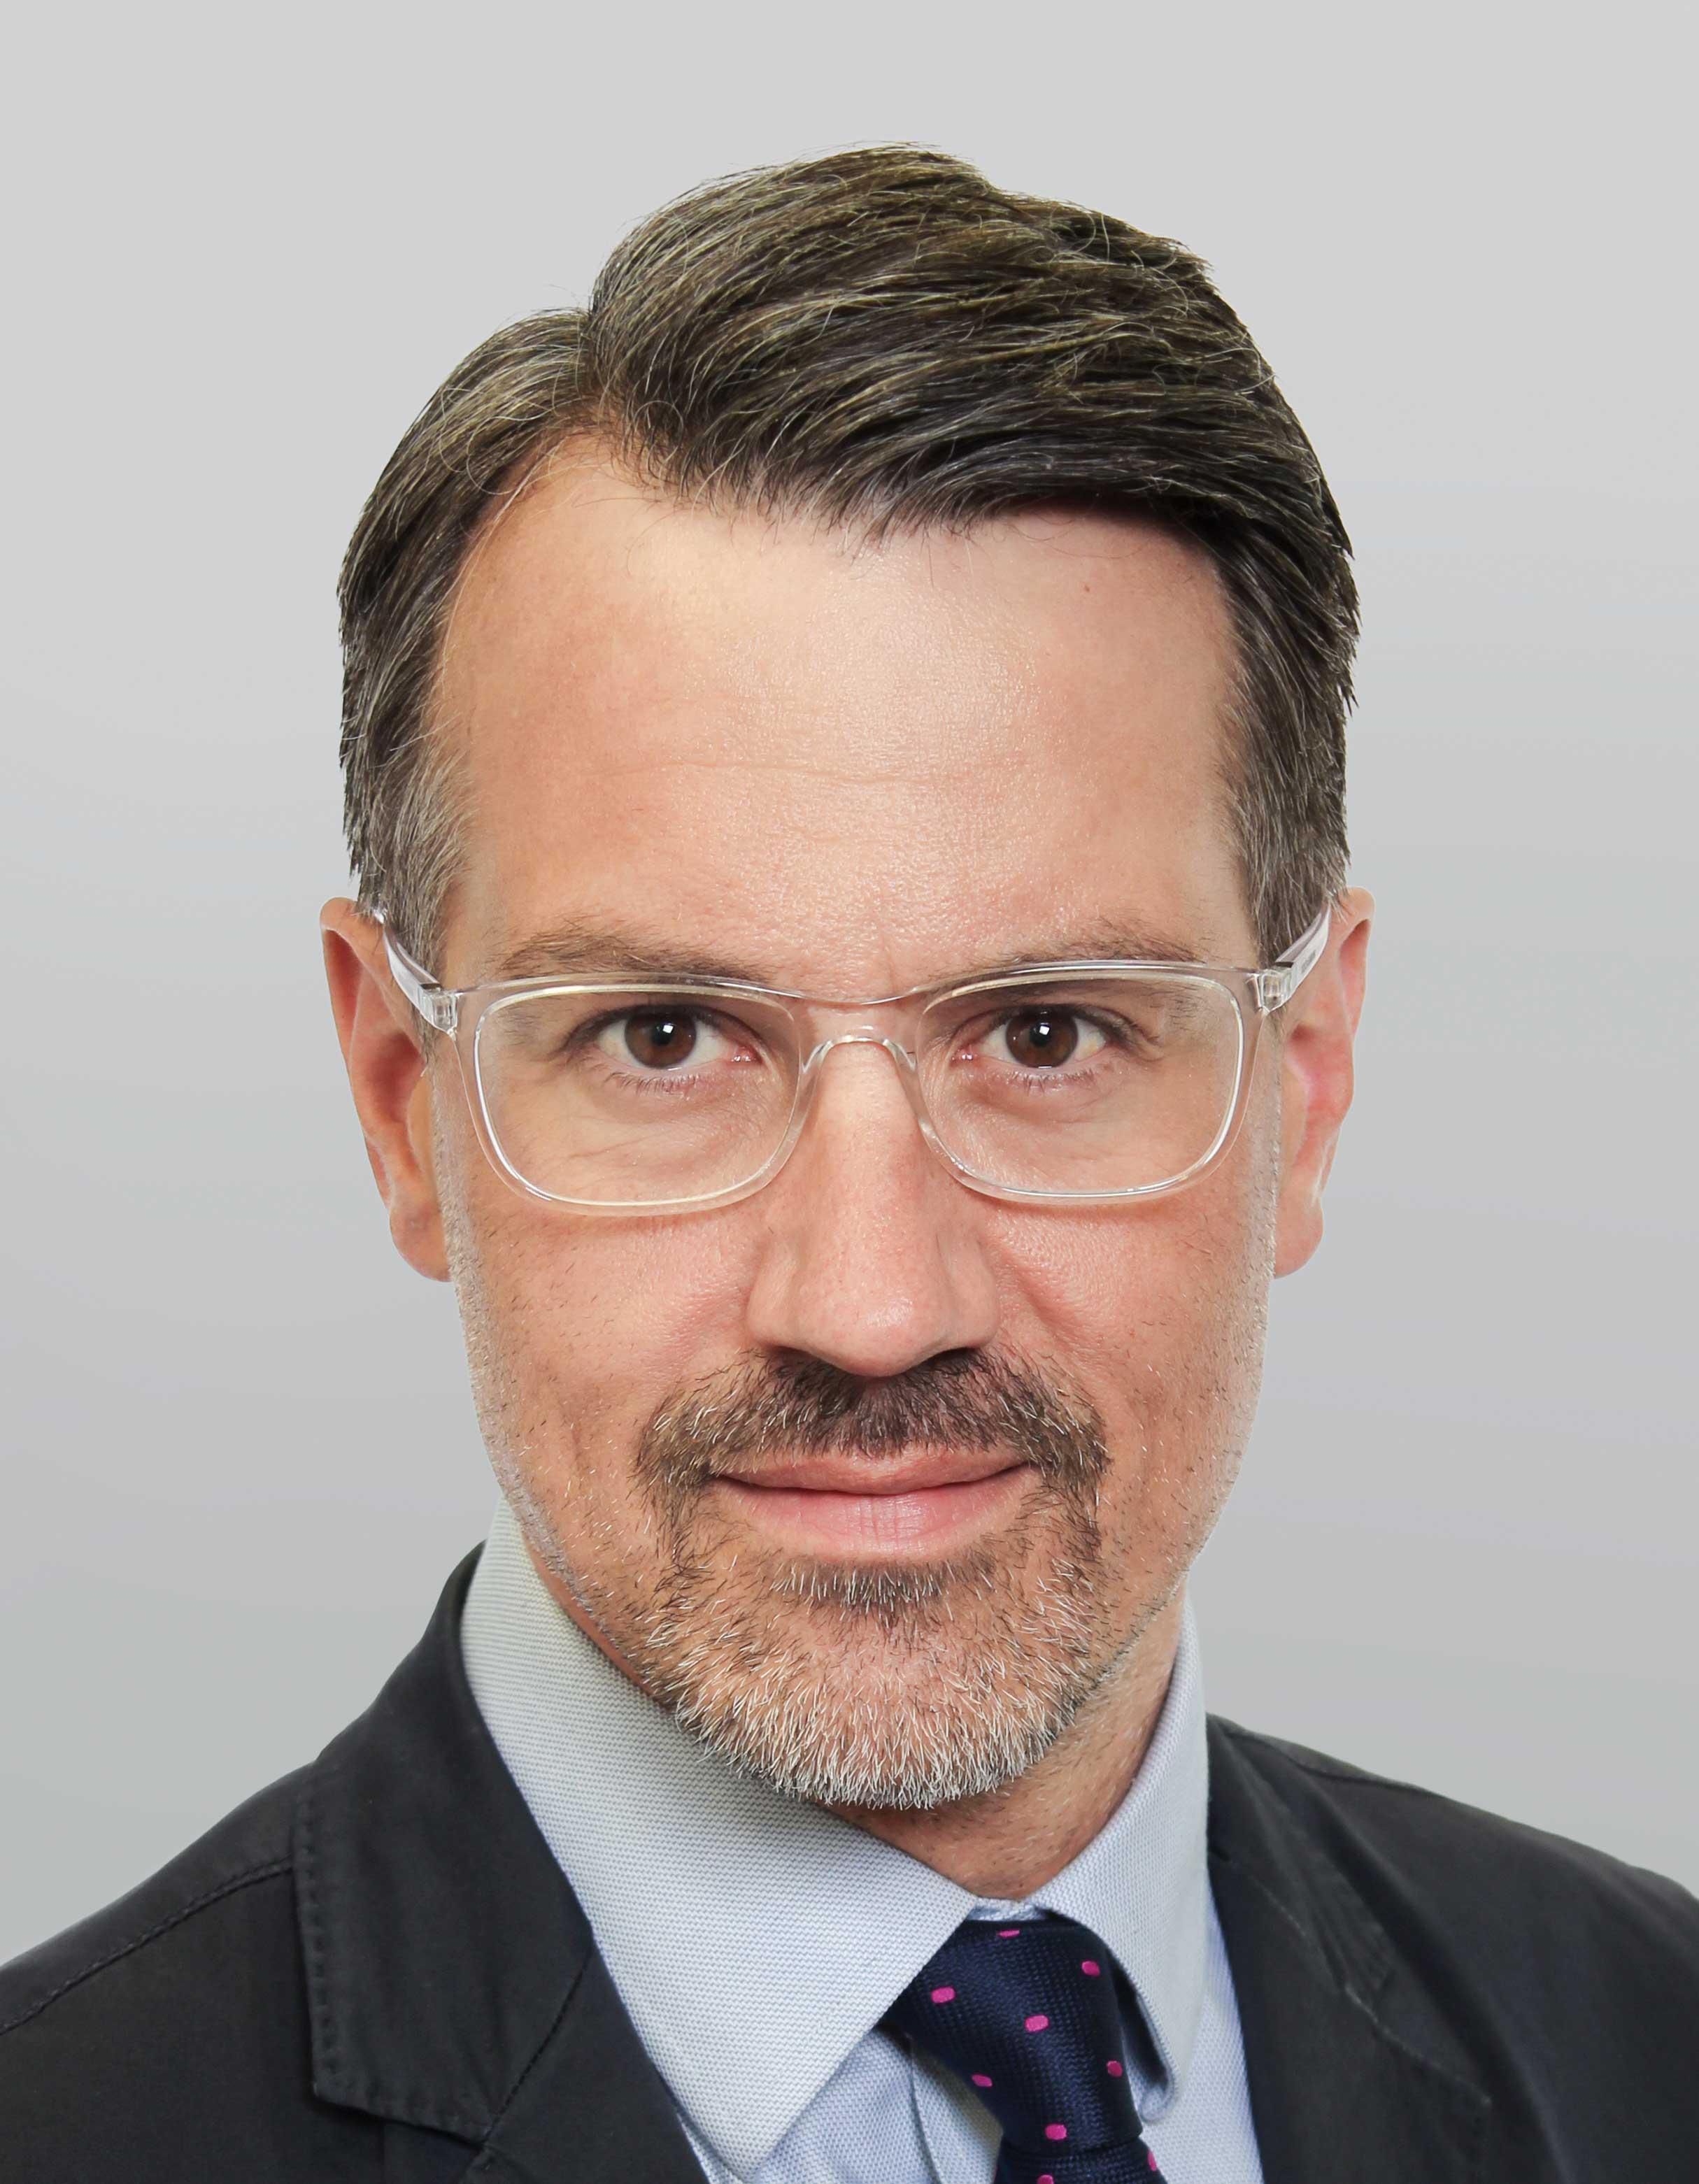 Björn Tesche ist Referent beim Vortragsservice von Geld und Haushalt.